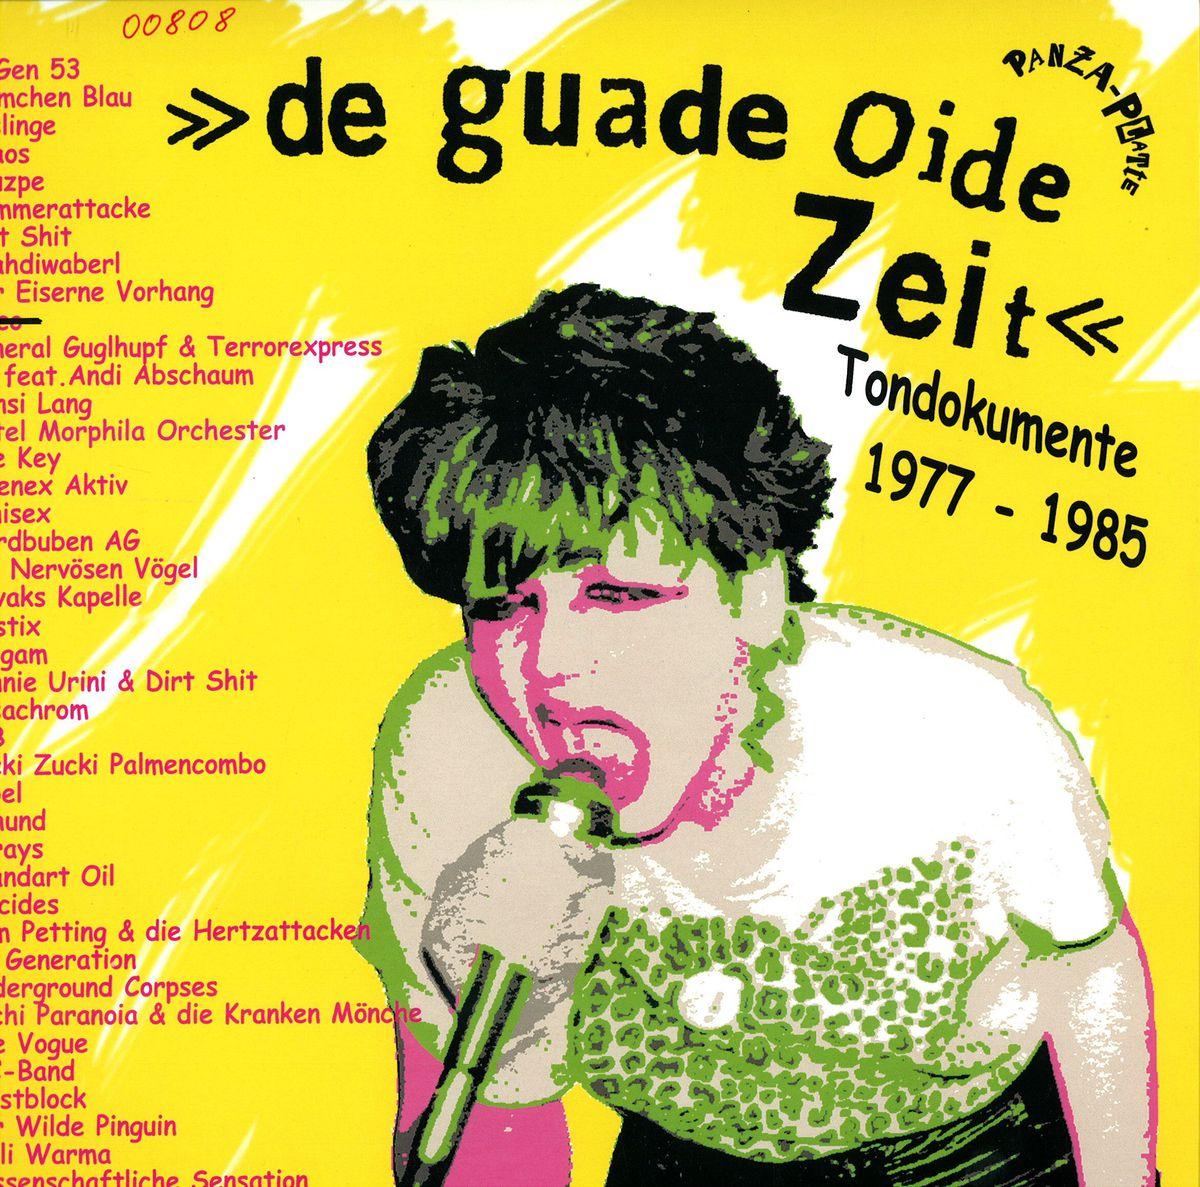 Panza Platte De Guade Oide Zeit Funk Soul Pp000 Vinyl